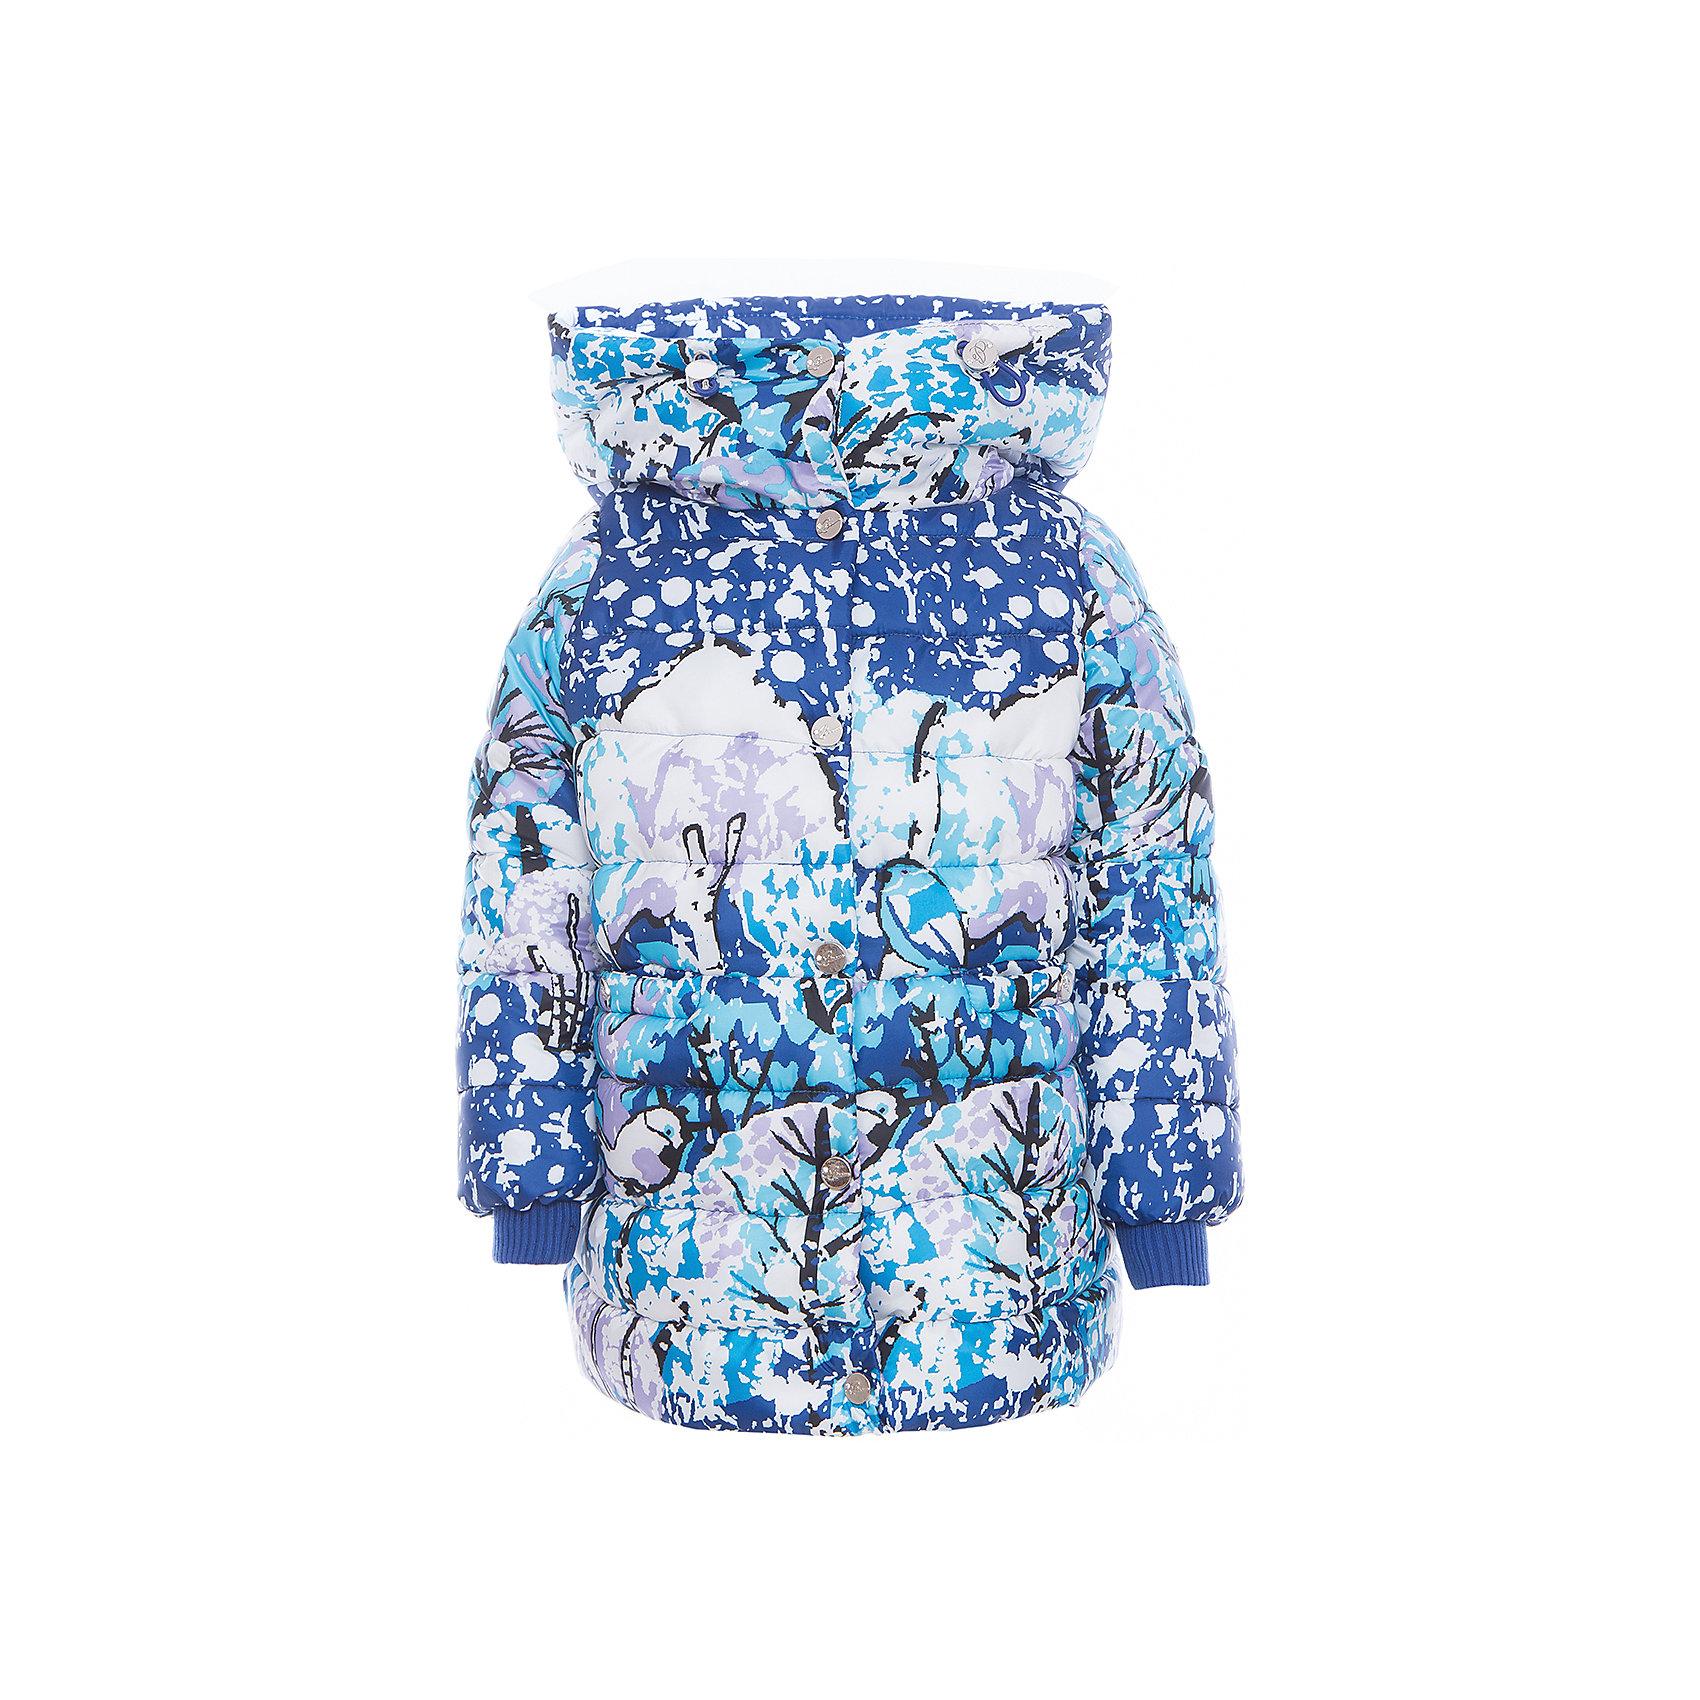 Пальто для девочки BOOM by OrbyВерхняя одежда<br>Характеристики изделия:<br><br>- материа л верха: 100% полиэстер;<br>- подкладка: ПЭ, флис;<br>- утеплитель: Flexy Fiber 400 г/м2, <br>- капюшон;<br>- фурнитура: металл, пластик;<br>- застежка: молния;<br>- высокий воротник;<br>- защита подбородка;<br>- клапан от ветра;<br>- принт;<br>- температурный режим до -30°С<br><br><br>В холодный сезон девочки хотят одеваться не только тепло, но и модно. Это стильное и теплое пальто позволит ребенку наслаждаться зимним отдыхом, не боясь замерзнуть, и выглядеть при этом очень симпатично.<br>Теплое пальто плотно сидит благодаря манжетам и надежным застежкам. Оно смотрится очень эффектно благодаря высокому воротнику и стильному принту. Пальто дополнено карманами и стопперами в талии, с помощью которых легко регулируется её размер.<br><br>Пальто для девочки от бренда BOOM by Orby можно купить в нашем магазине.<br><br>Ширина мм: 356<br>Глубина мм: 10<br>Высота мм: 245<br>Вес г: 519<br>Цвет: синий<br>Возраст от месяцев: 24<br>Возраст до месяцев: 36<br>Пол: Женский<br>Возраст: Детский<br>Размер: 98,140,128,122,152,104,116,158,110,134,146<br>SKU: 4982560